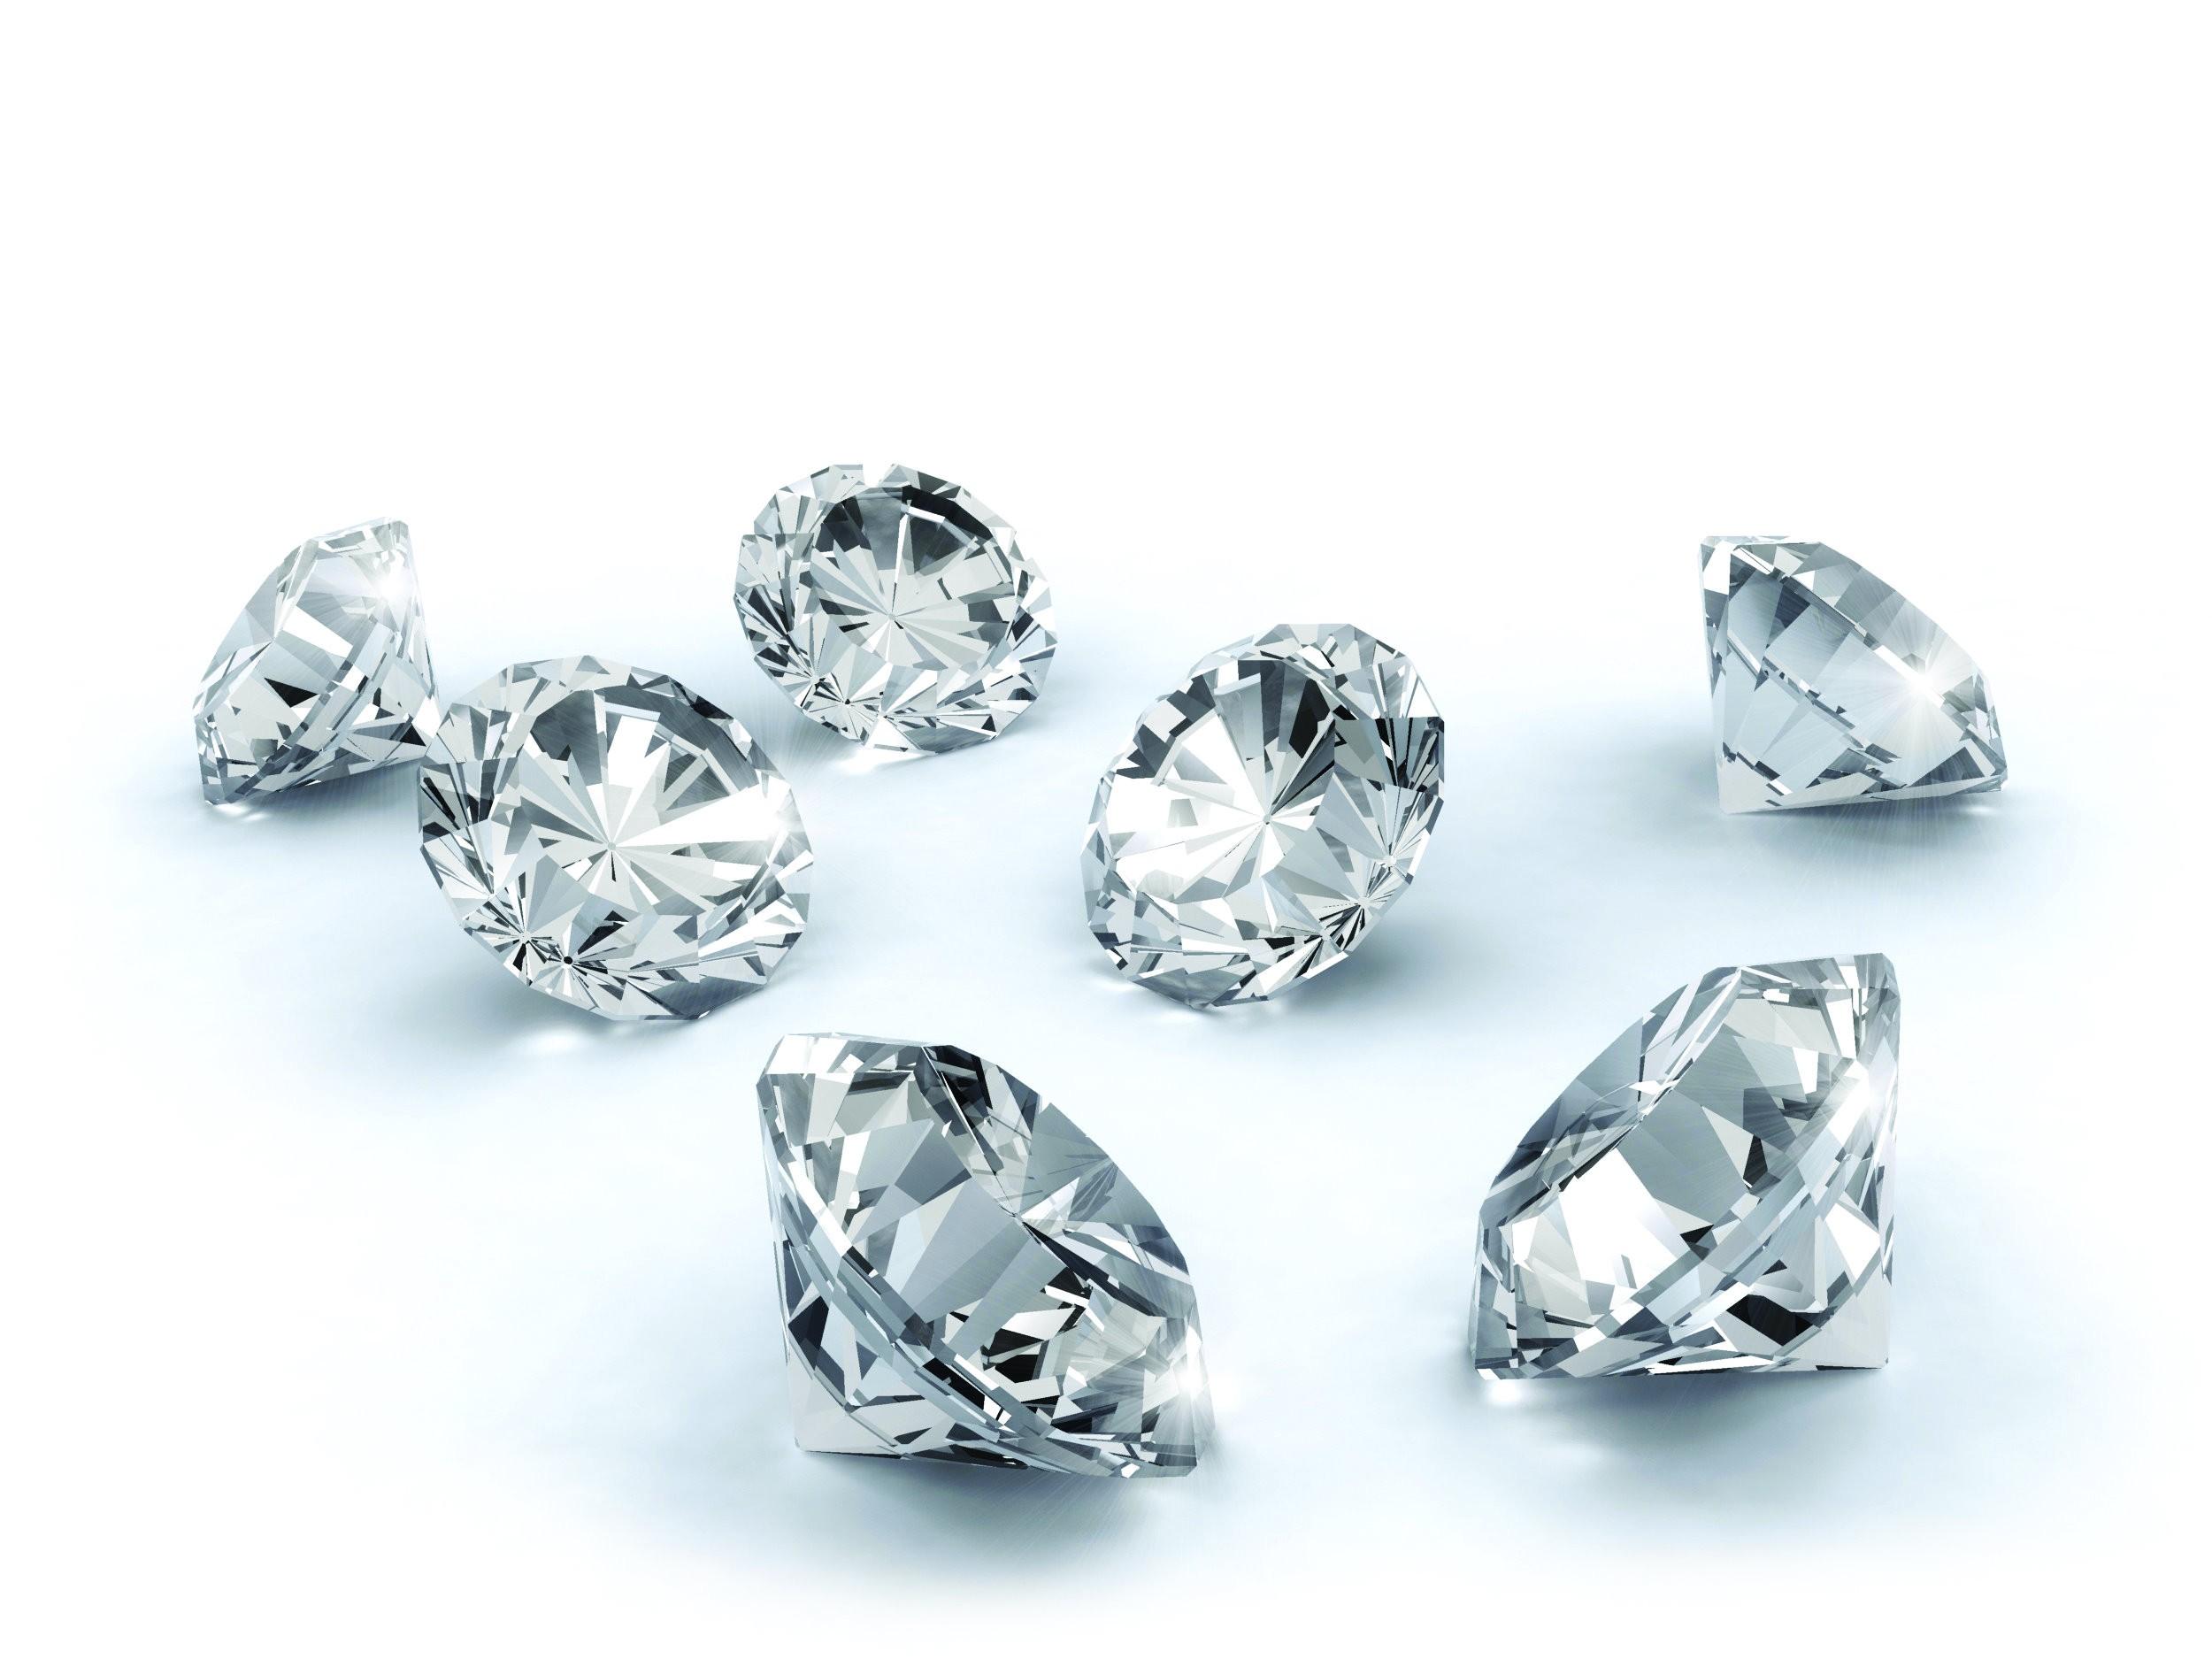 La certezza dei nostri investimenti dipende solo dai diamanti